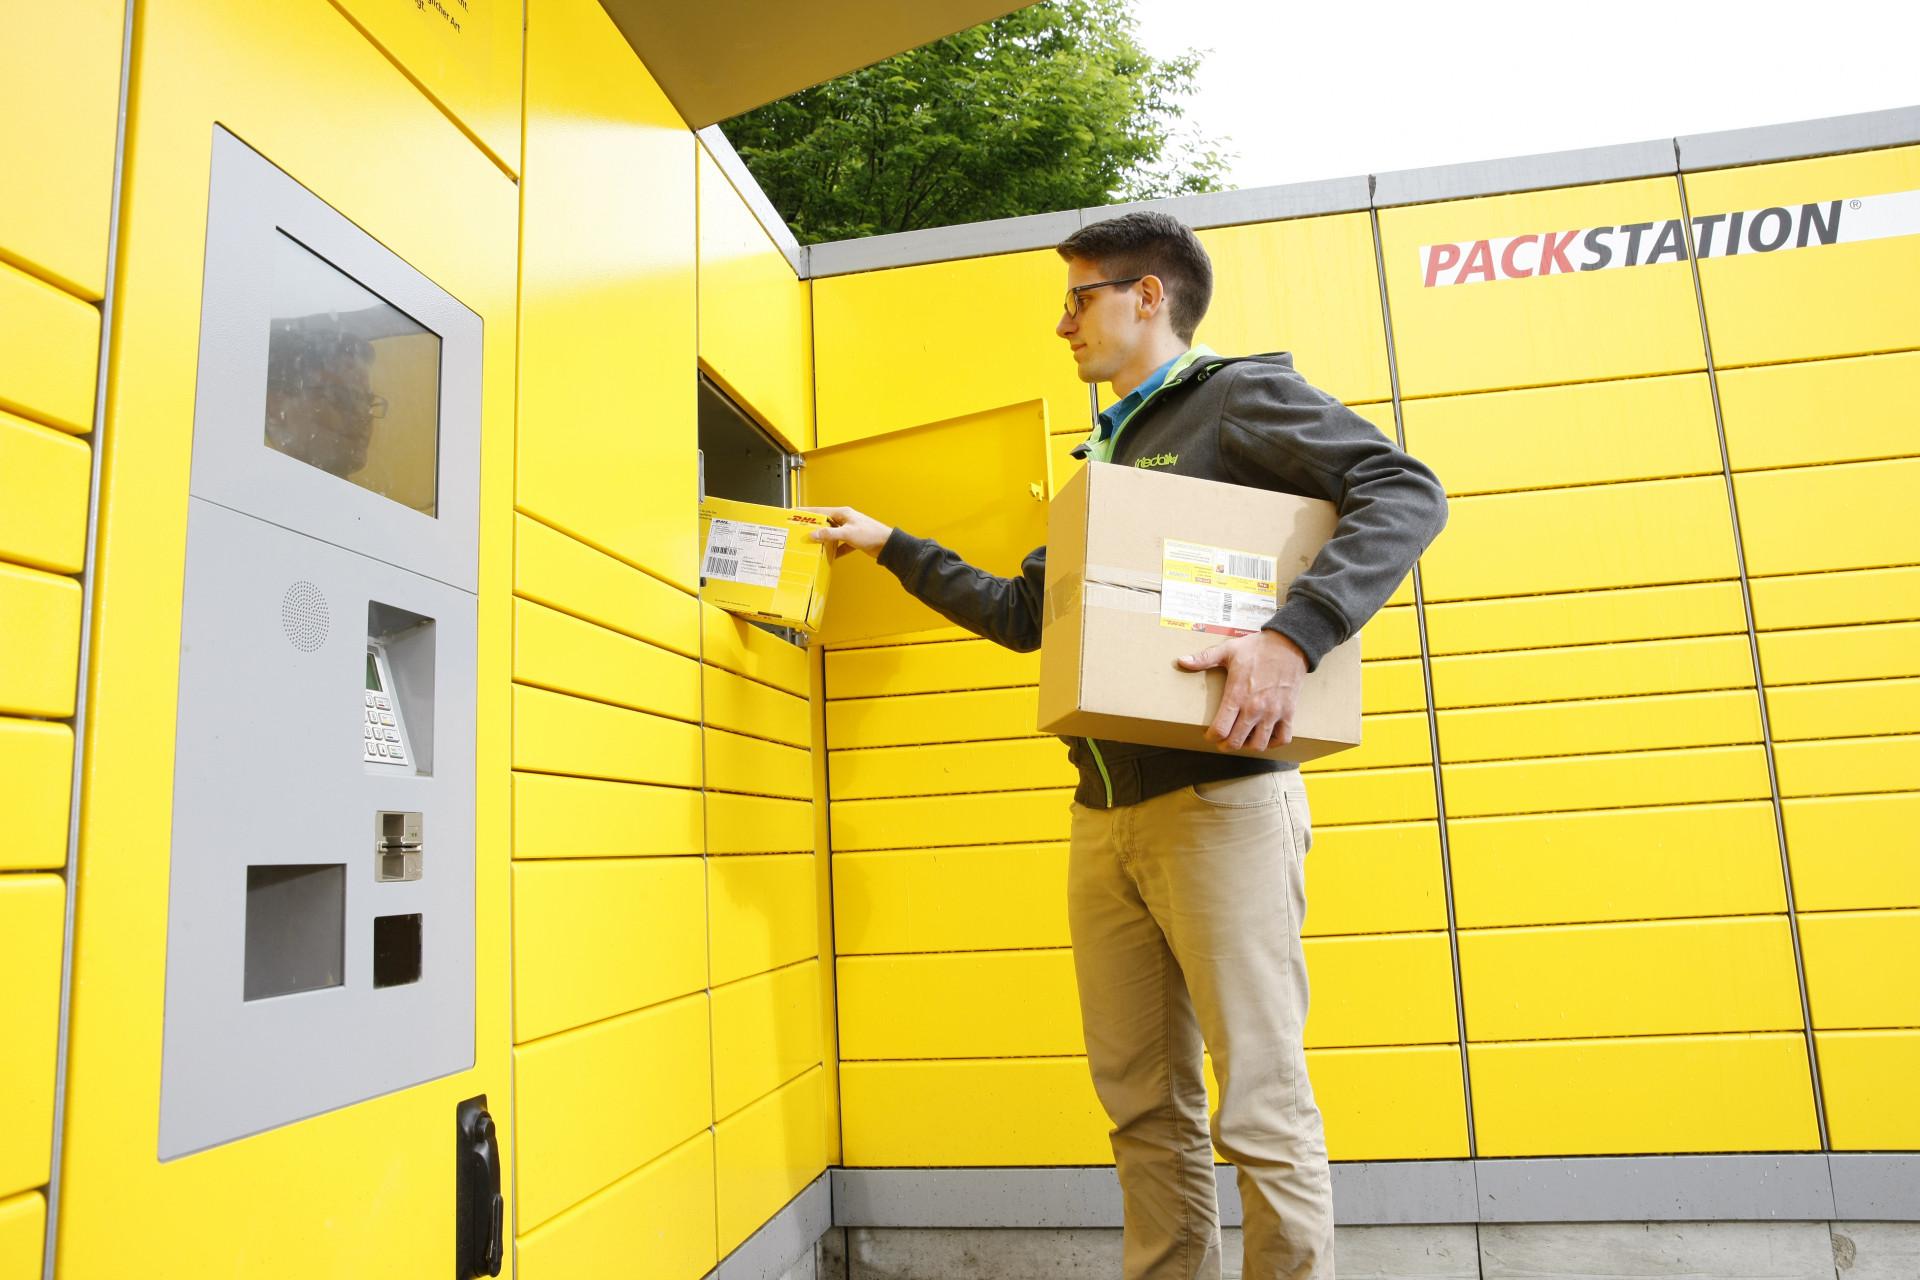 dhl packstation kontakt 0228